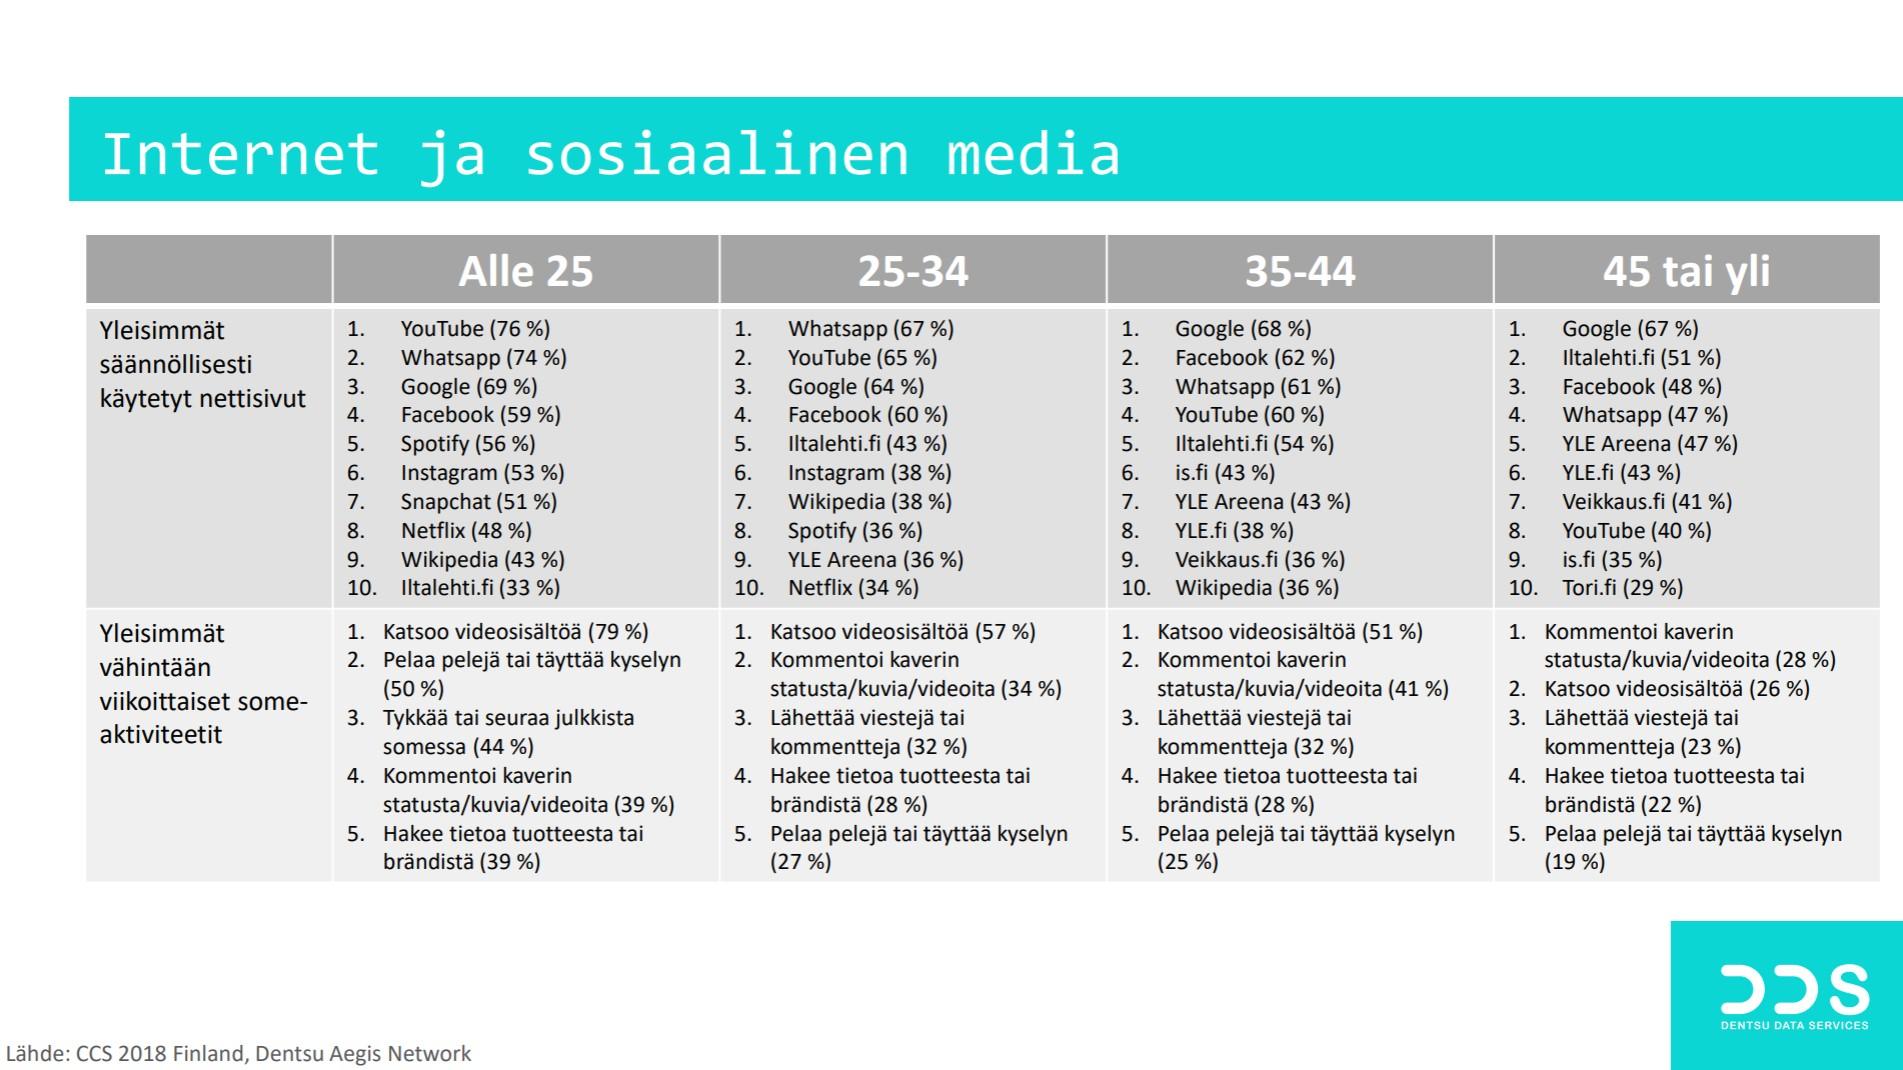 Internet ja sosiaalinen media